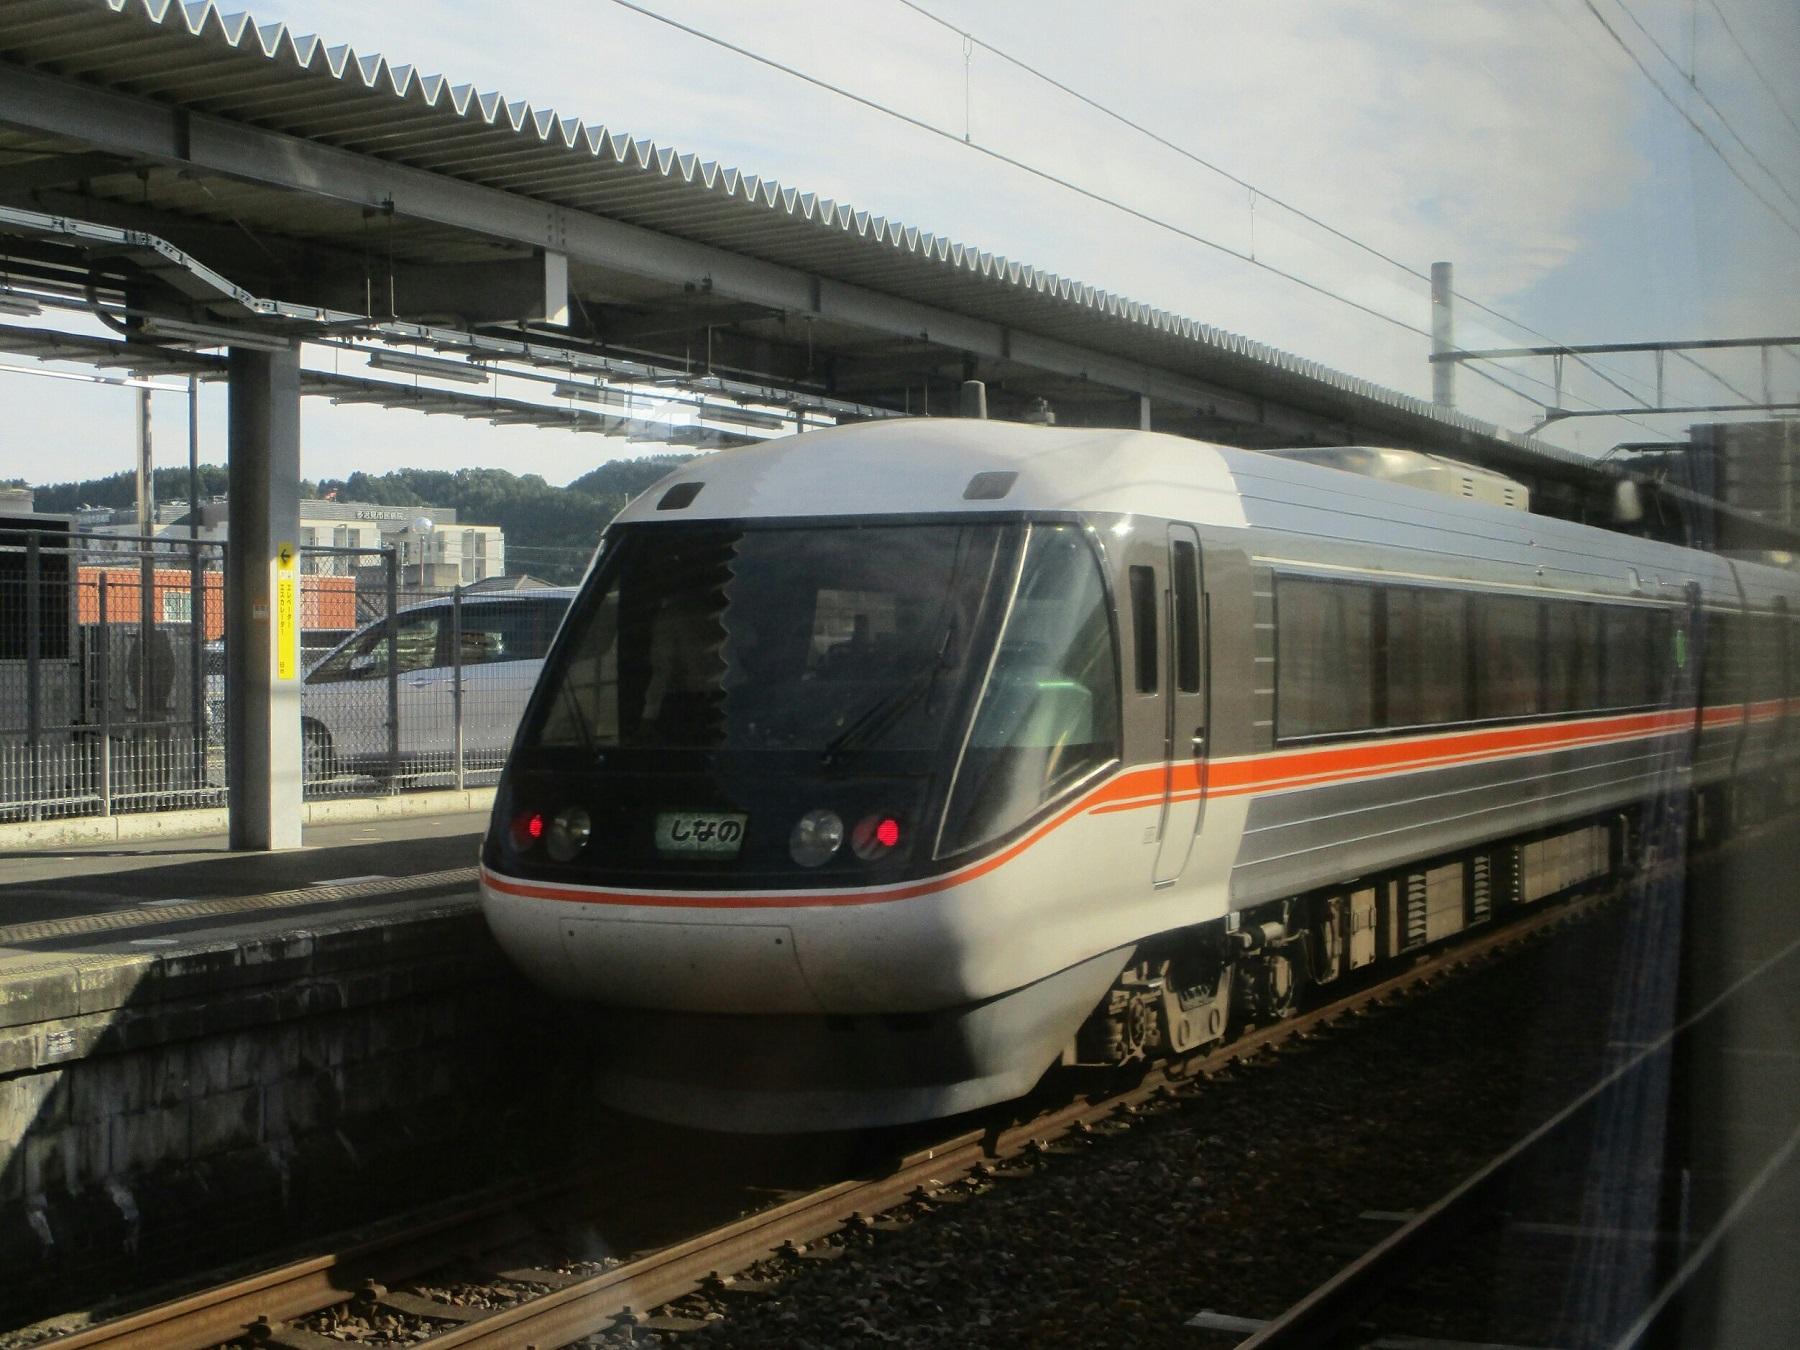 2019.5.22 (70) 名古屋いき快速 - 多治見(名古屋いきしなの) 1800-1350